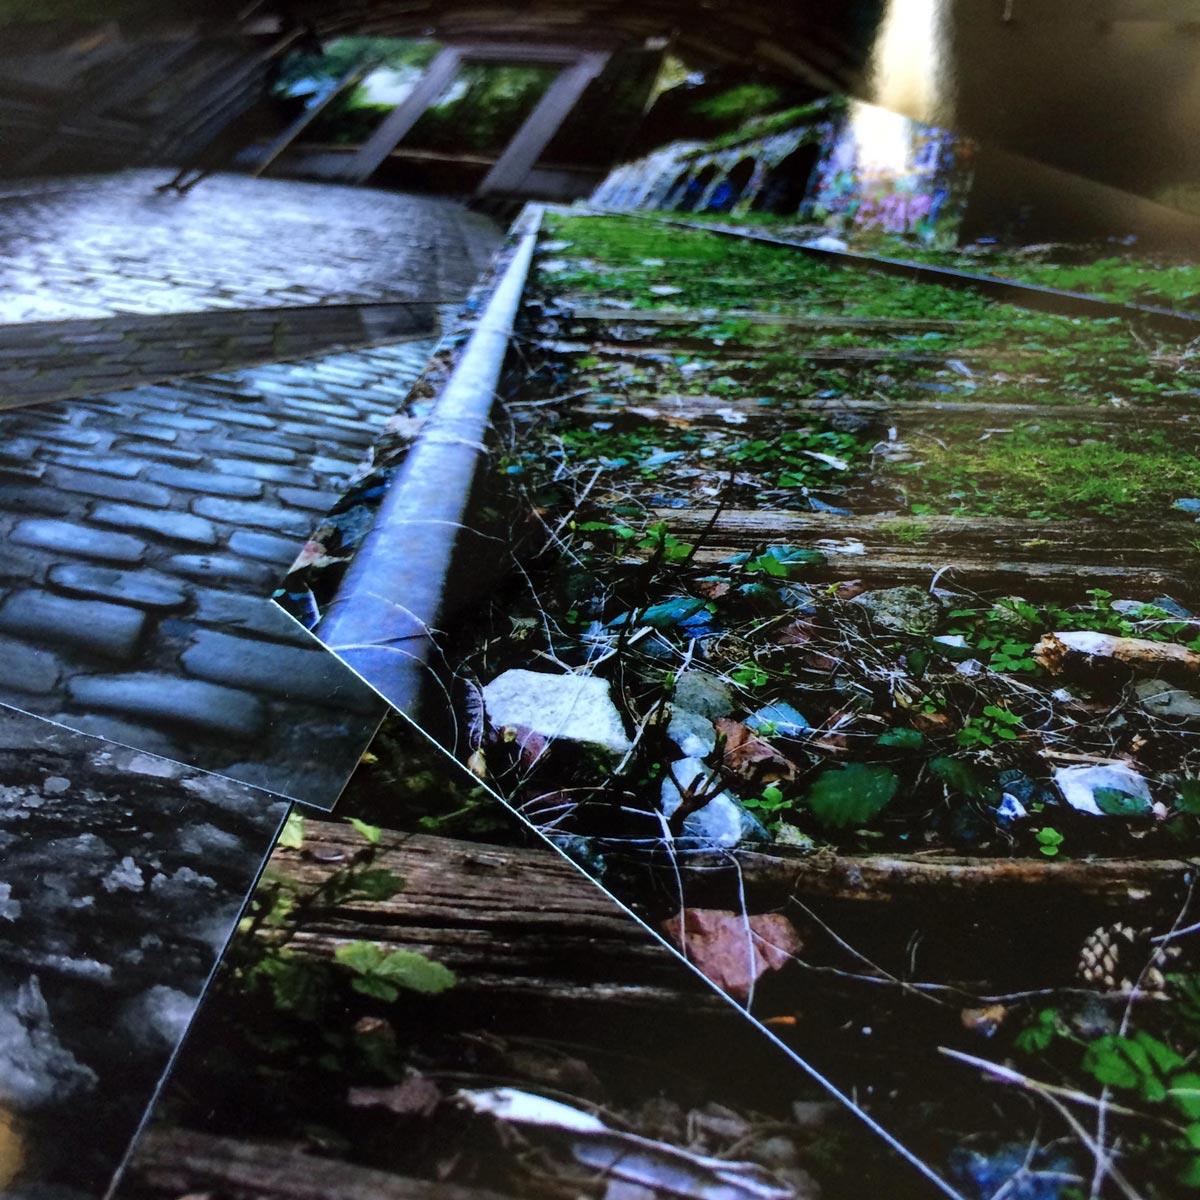 Forêt souterraine - EmPinsan- Collage